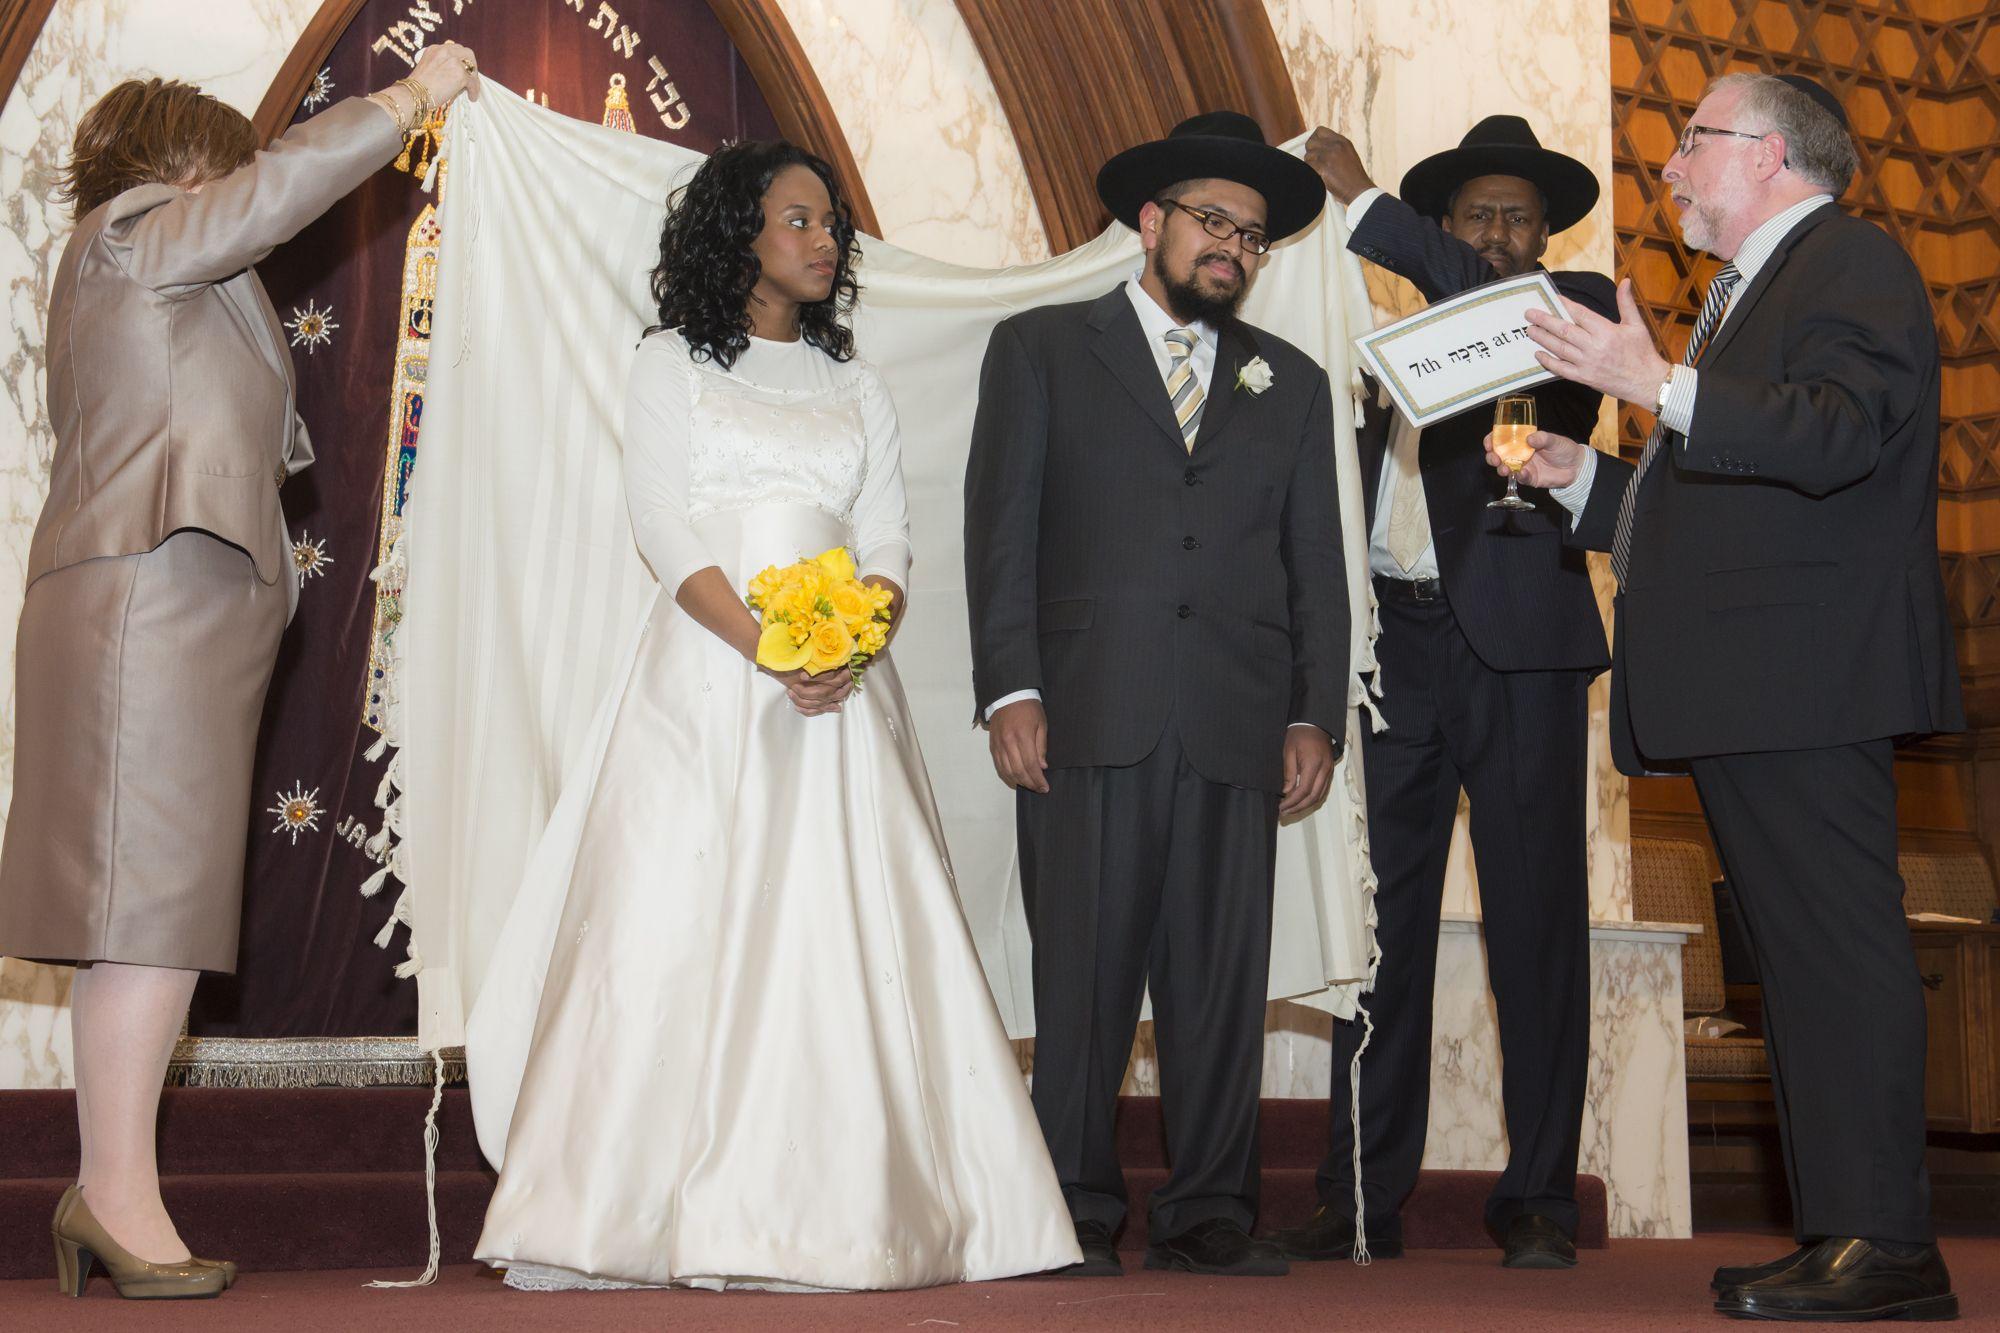 Rabbi Simon Benzaquen Recites The Sheva Brachot At Wedding Of Chana And Yosef Brown In